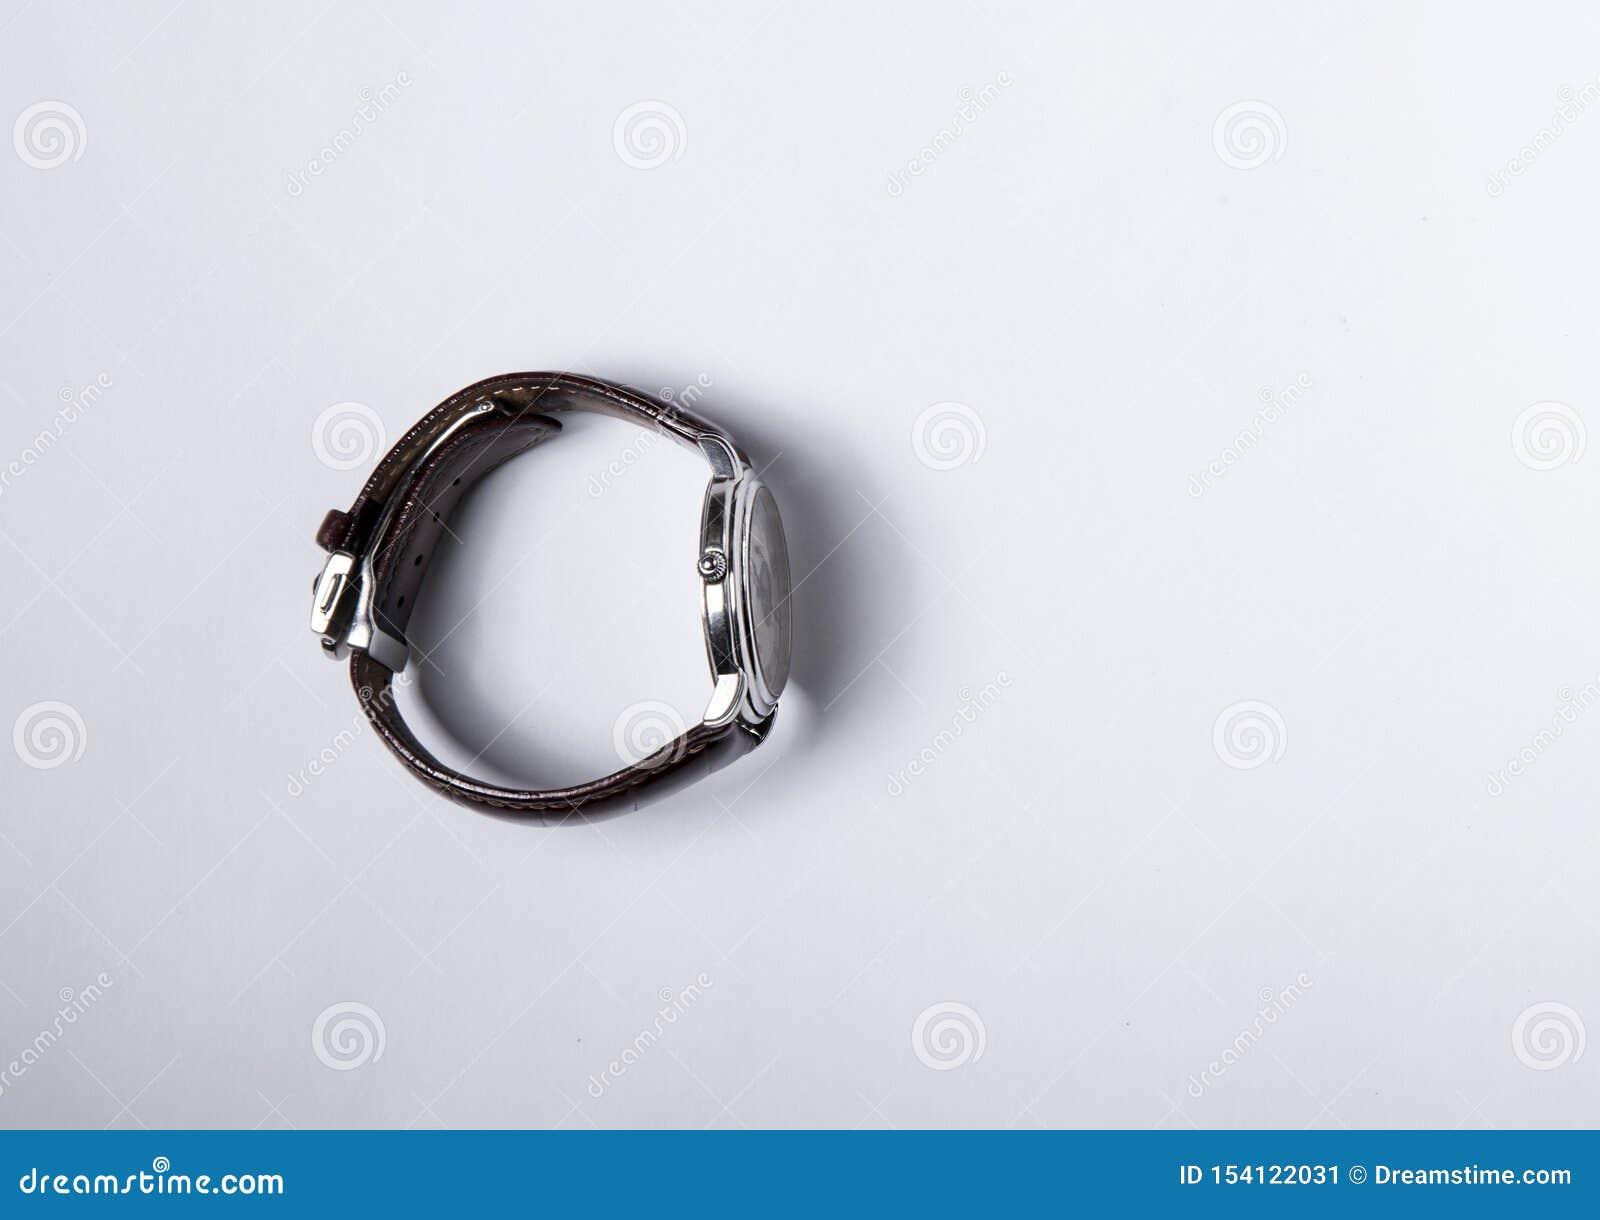 Zwitsers horloge met een bruine leerriem